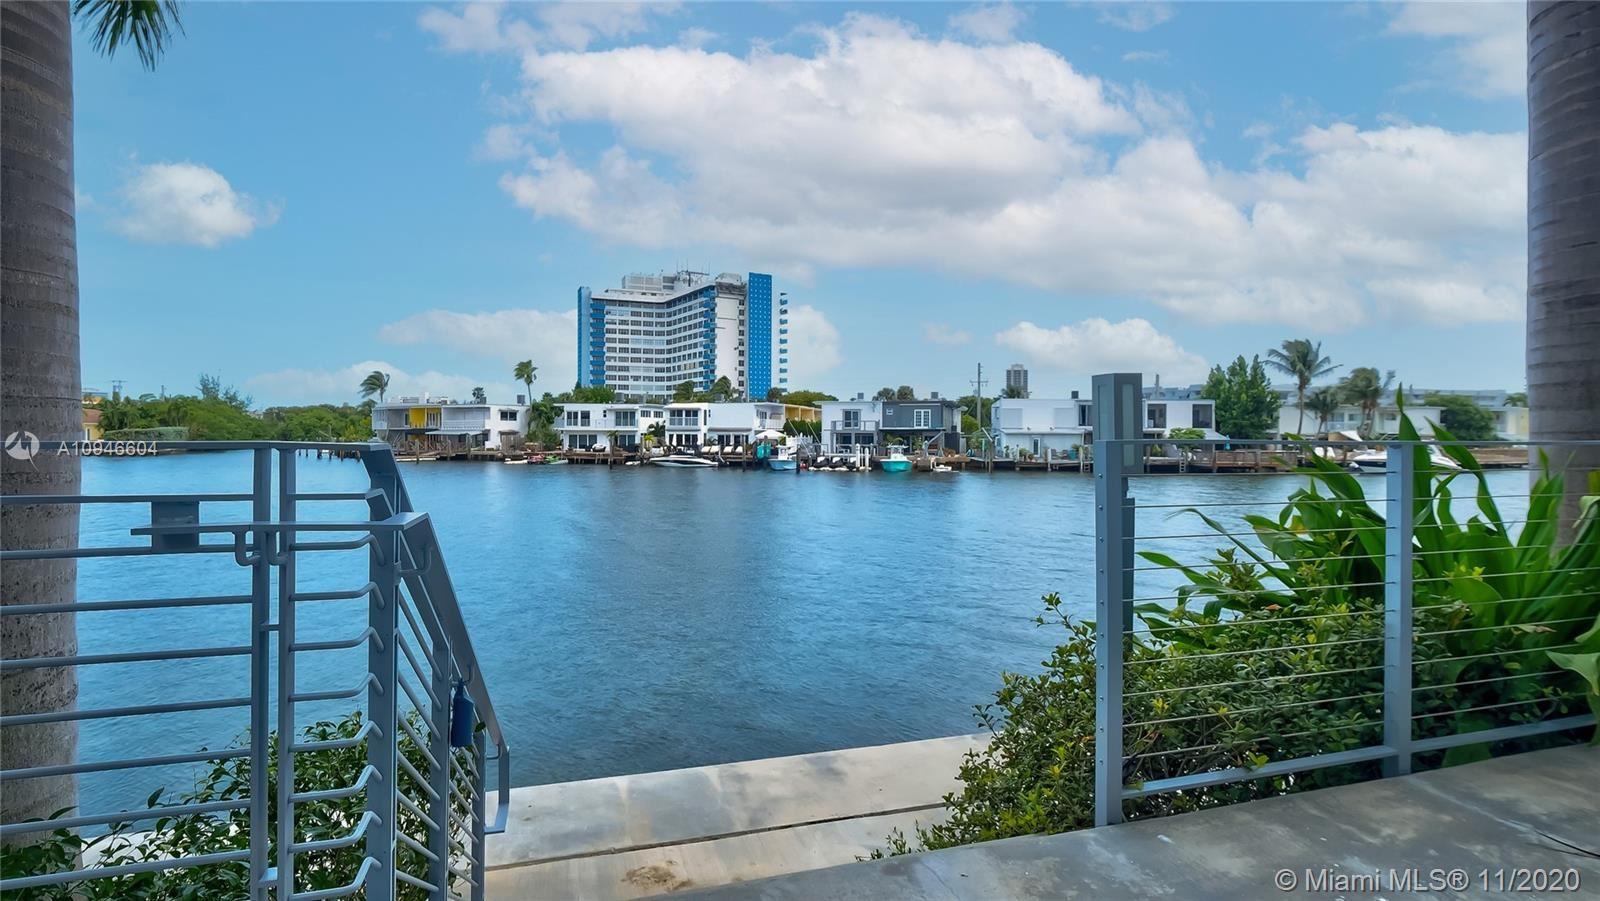 101 N Shore Dr, Miami Beach, FL 33141 - #: A10946604